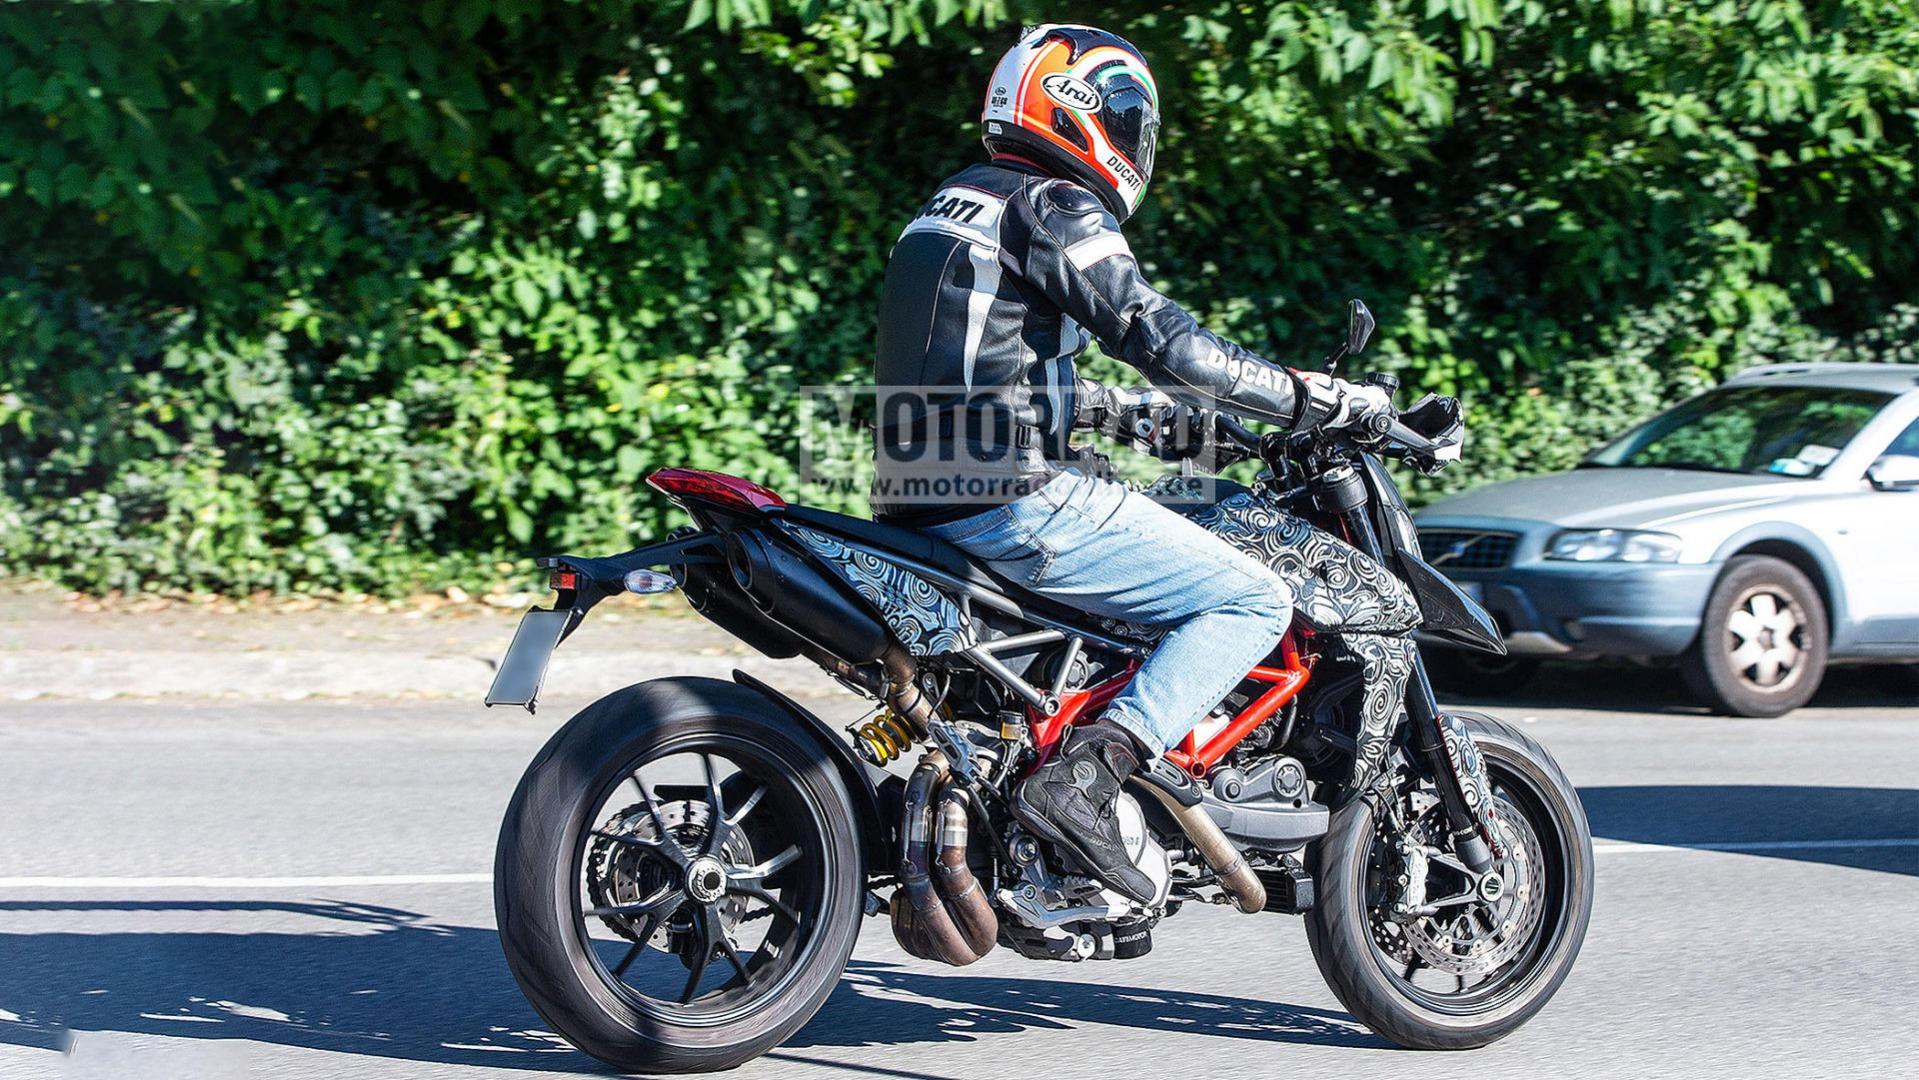 Ducati Hypermotard 2019, fotos espía